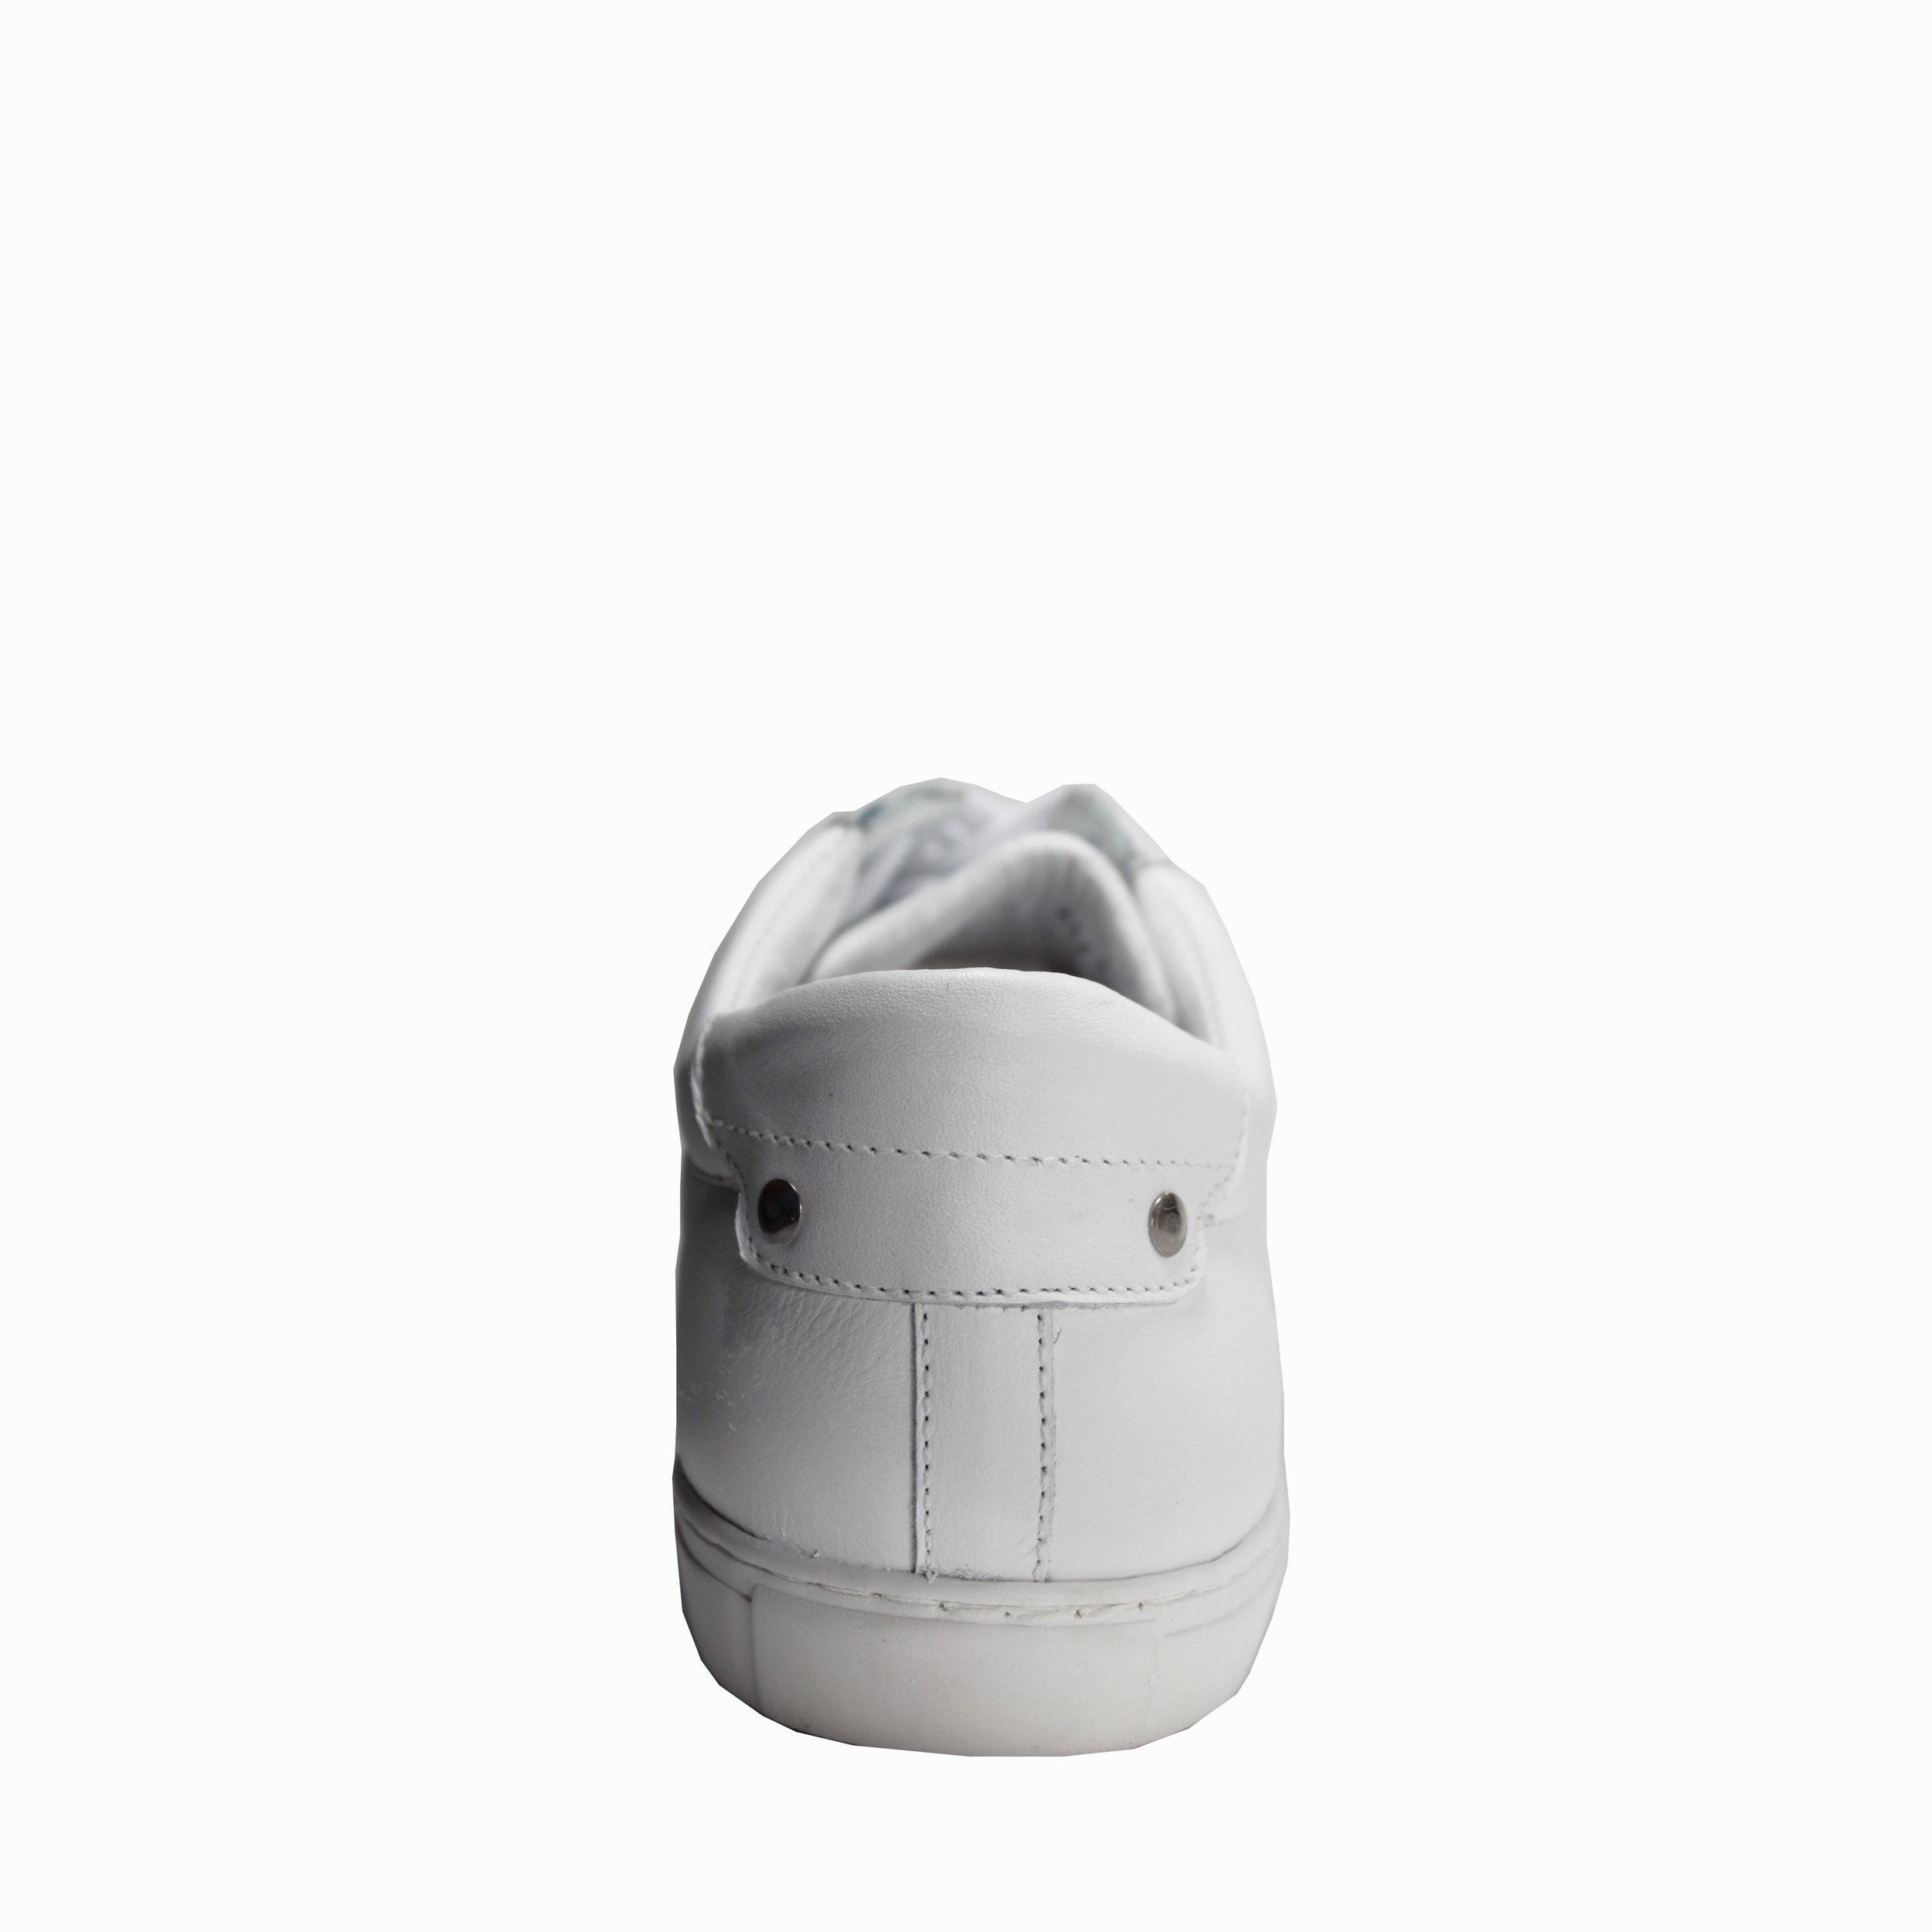 final shoe back.jpg